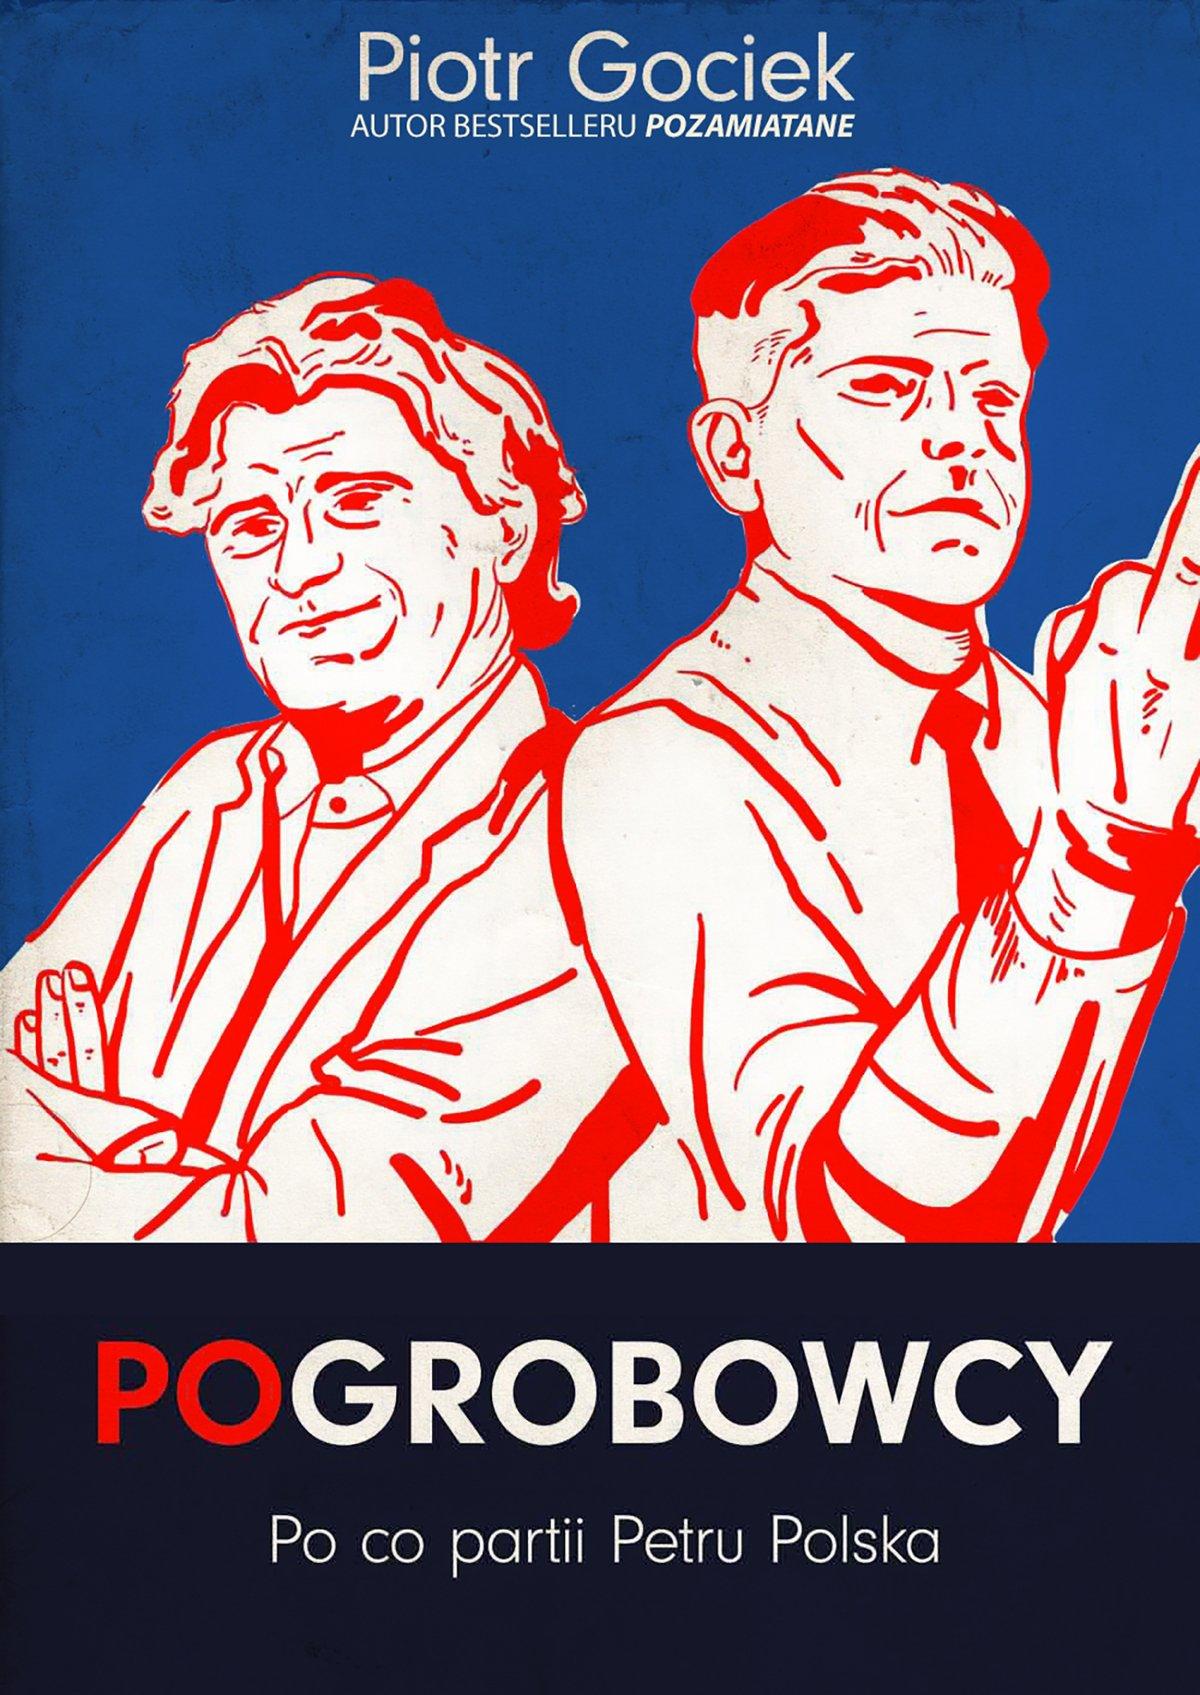 POgrobowcy. Po co partii Petru Polska - Ebook (Książka na Kindle) do pobrania w formacie MOBI